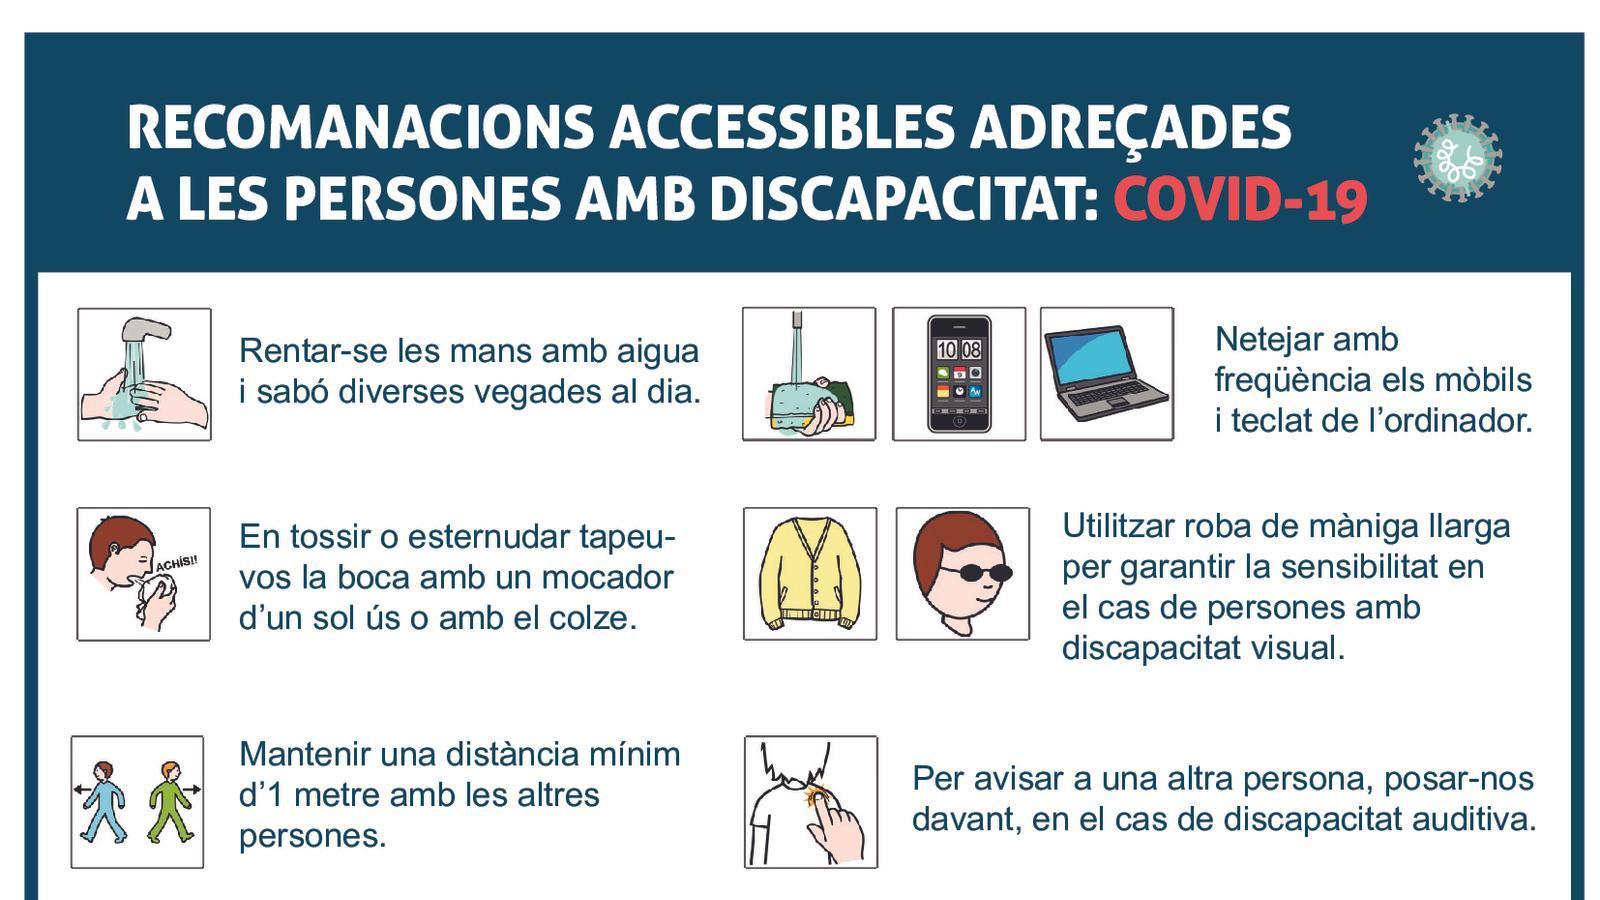 Recomanacions del Govern per a les persones amb discapacitat. / GOVERN